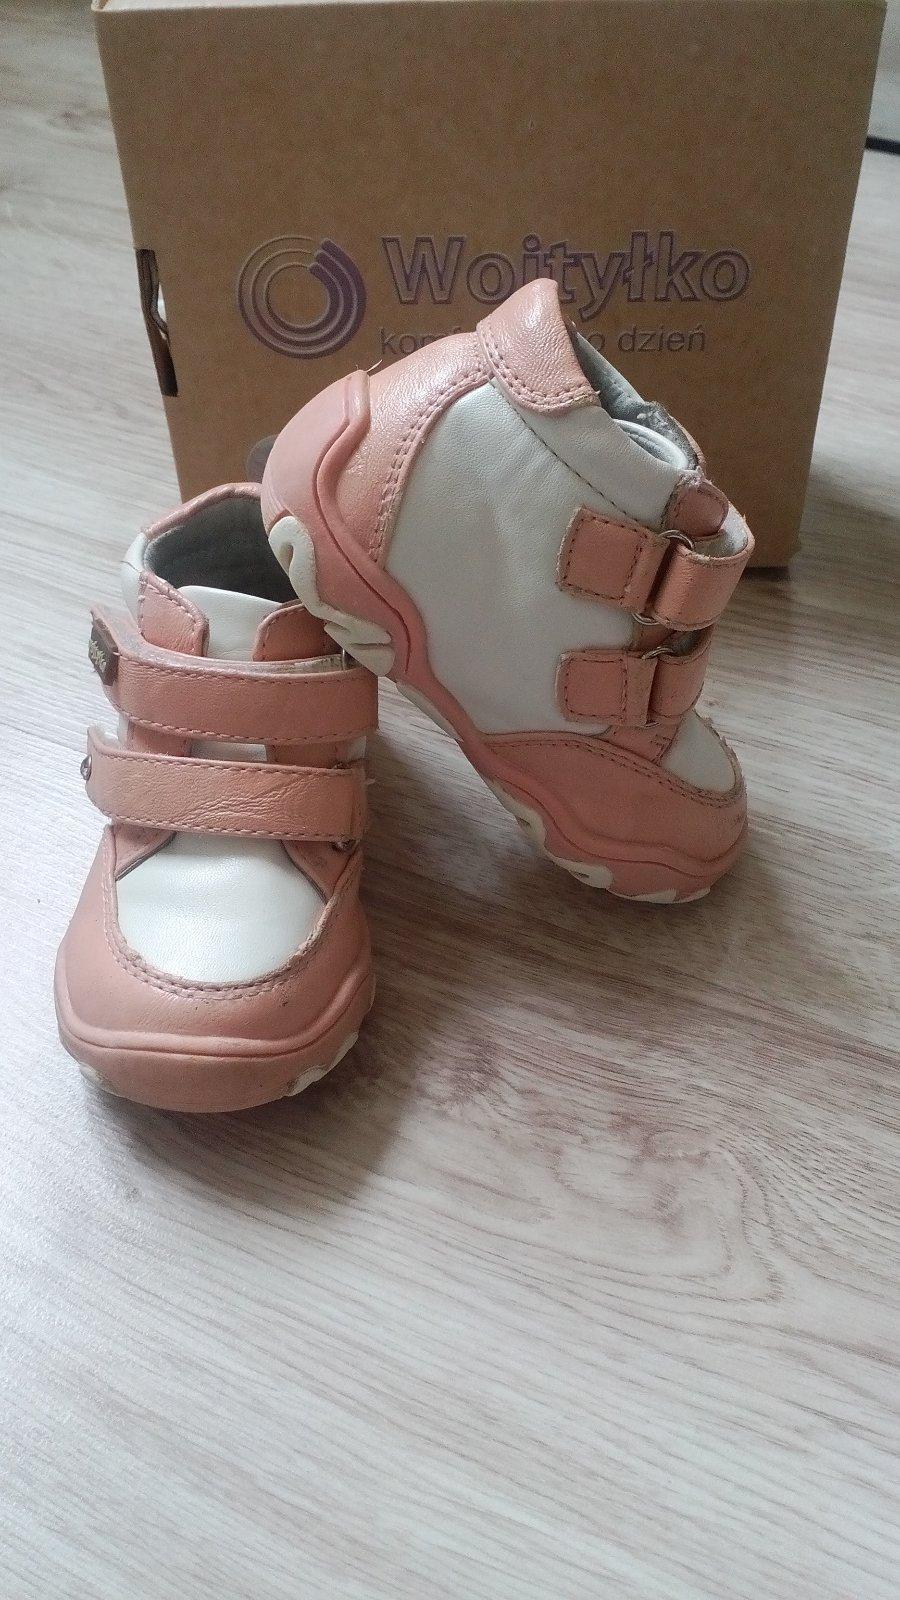 10e8213cc4 Prechodné kožené topánky wojtylko